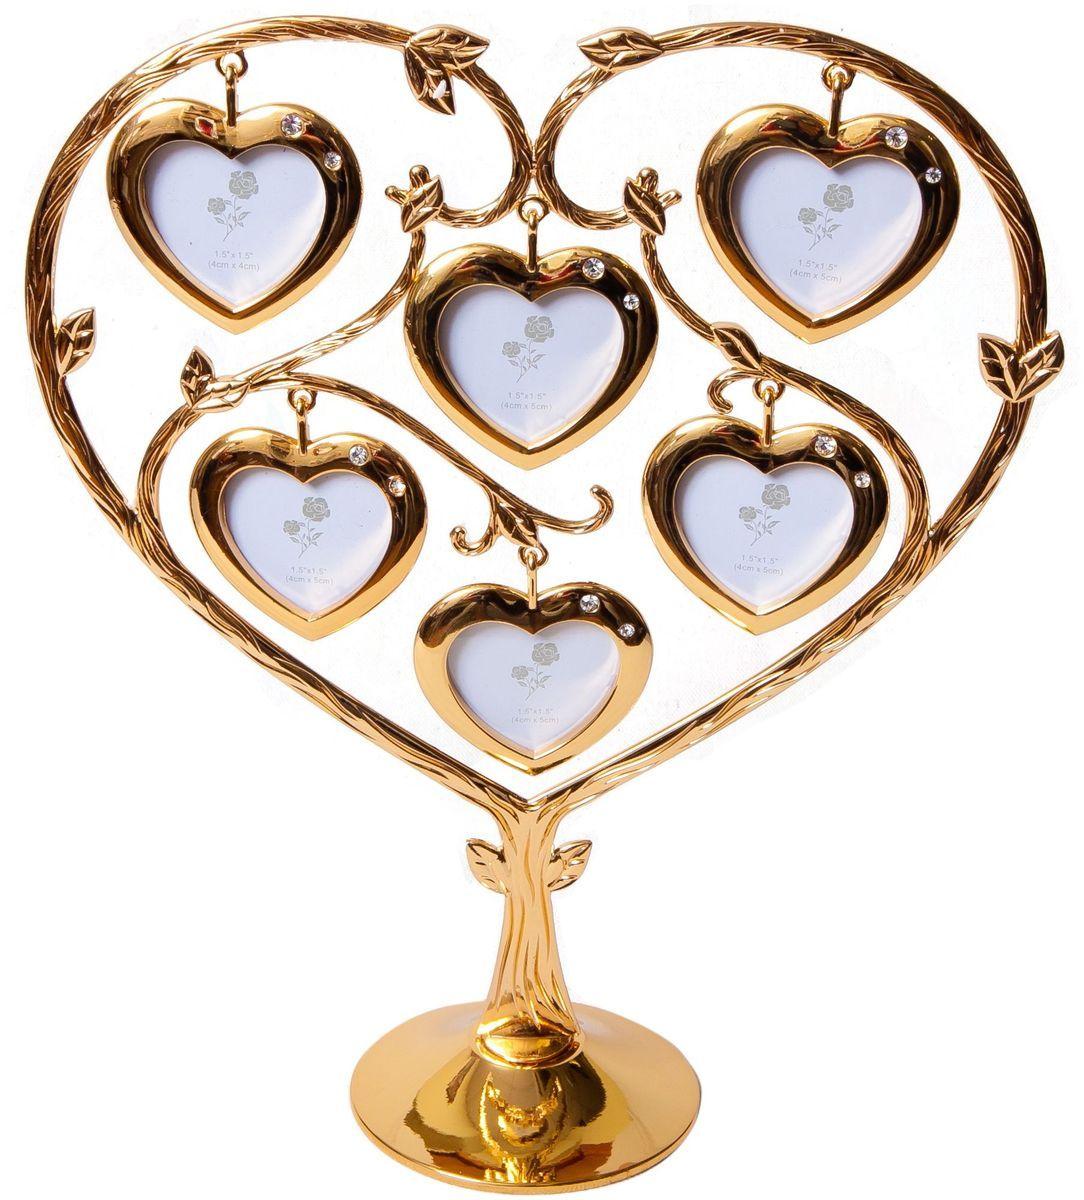 Фоторамка Platinum Дерево. Сердца, цвет: золотистый, на 6 фото, 4 x 5 см. PF9902SG2 фоторамки на дереве PF10019AДекоративная фоторамка Platinum Дерево. Сердца выполнена из металла. На подставку в виде деревца подвешиваются шесть фоторамок в форме сердец. Фоторамка украшена стазами. Изысканная и эффектная, эта потрясающая рамочка покорит своей красотой и изумительным качеством исполнения. Фоторамка Platinum Дерево. Сердца не только украсит интерьер помещения, но и поможет разместить фото всей вашей семьи. Высота фоторамки: 25,5 см. Фоторамка подходит для фотографий 4 x 5 см.Общий размер фоторамки: 22 х 6 х 25,5 см.